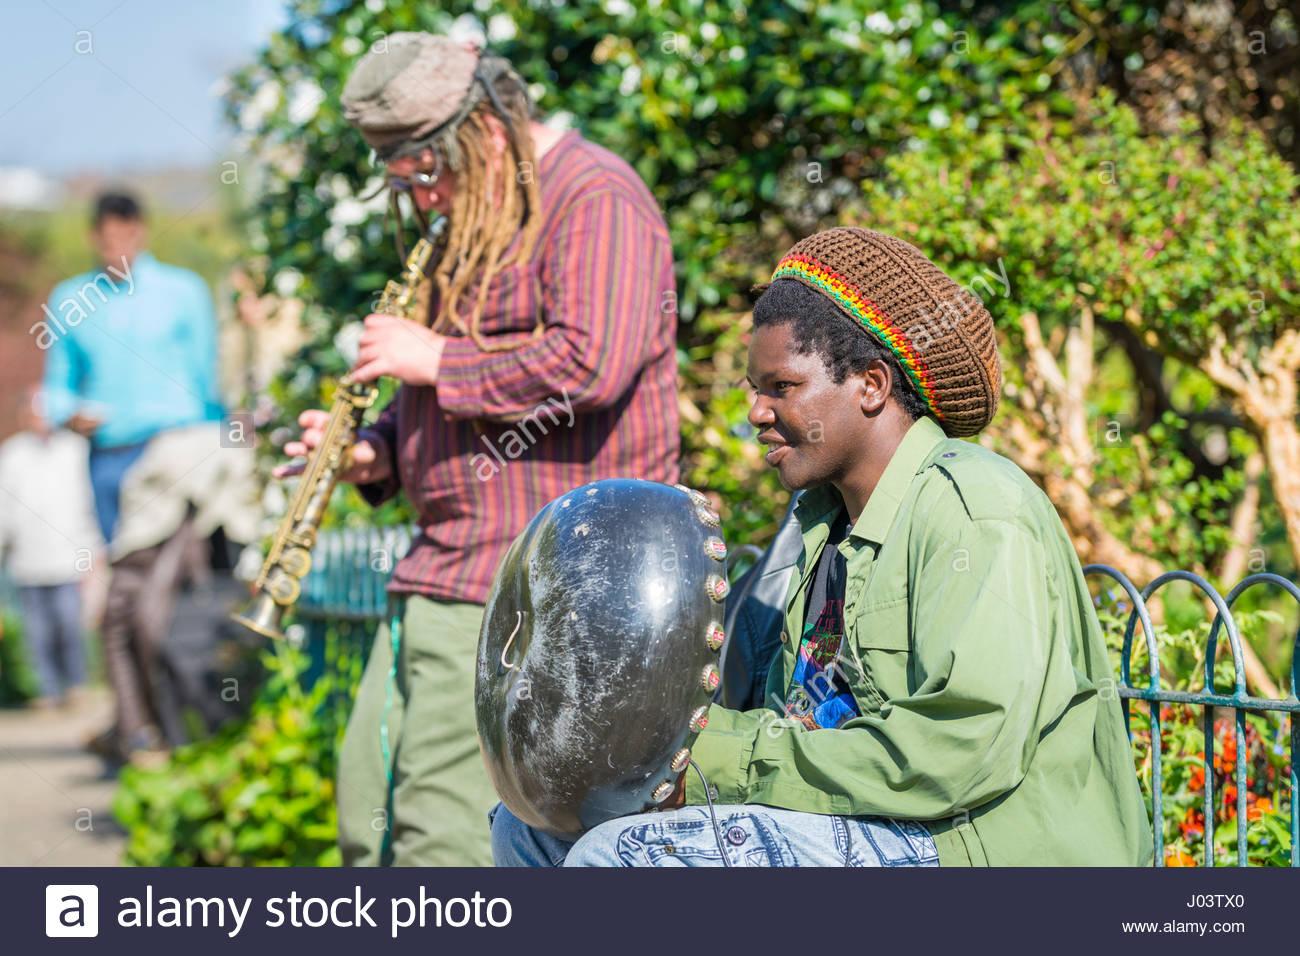 Coppia di musicisti a suonare strumenti in un parco nel Regno Unito. Immagini Stock